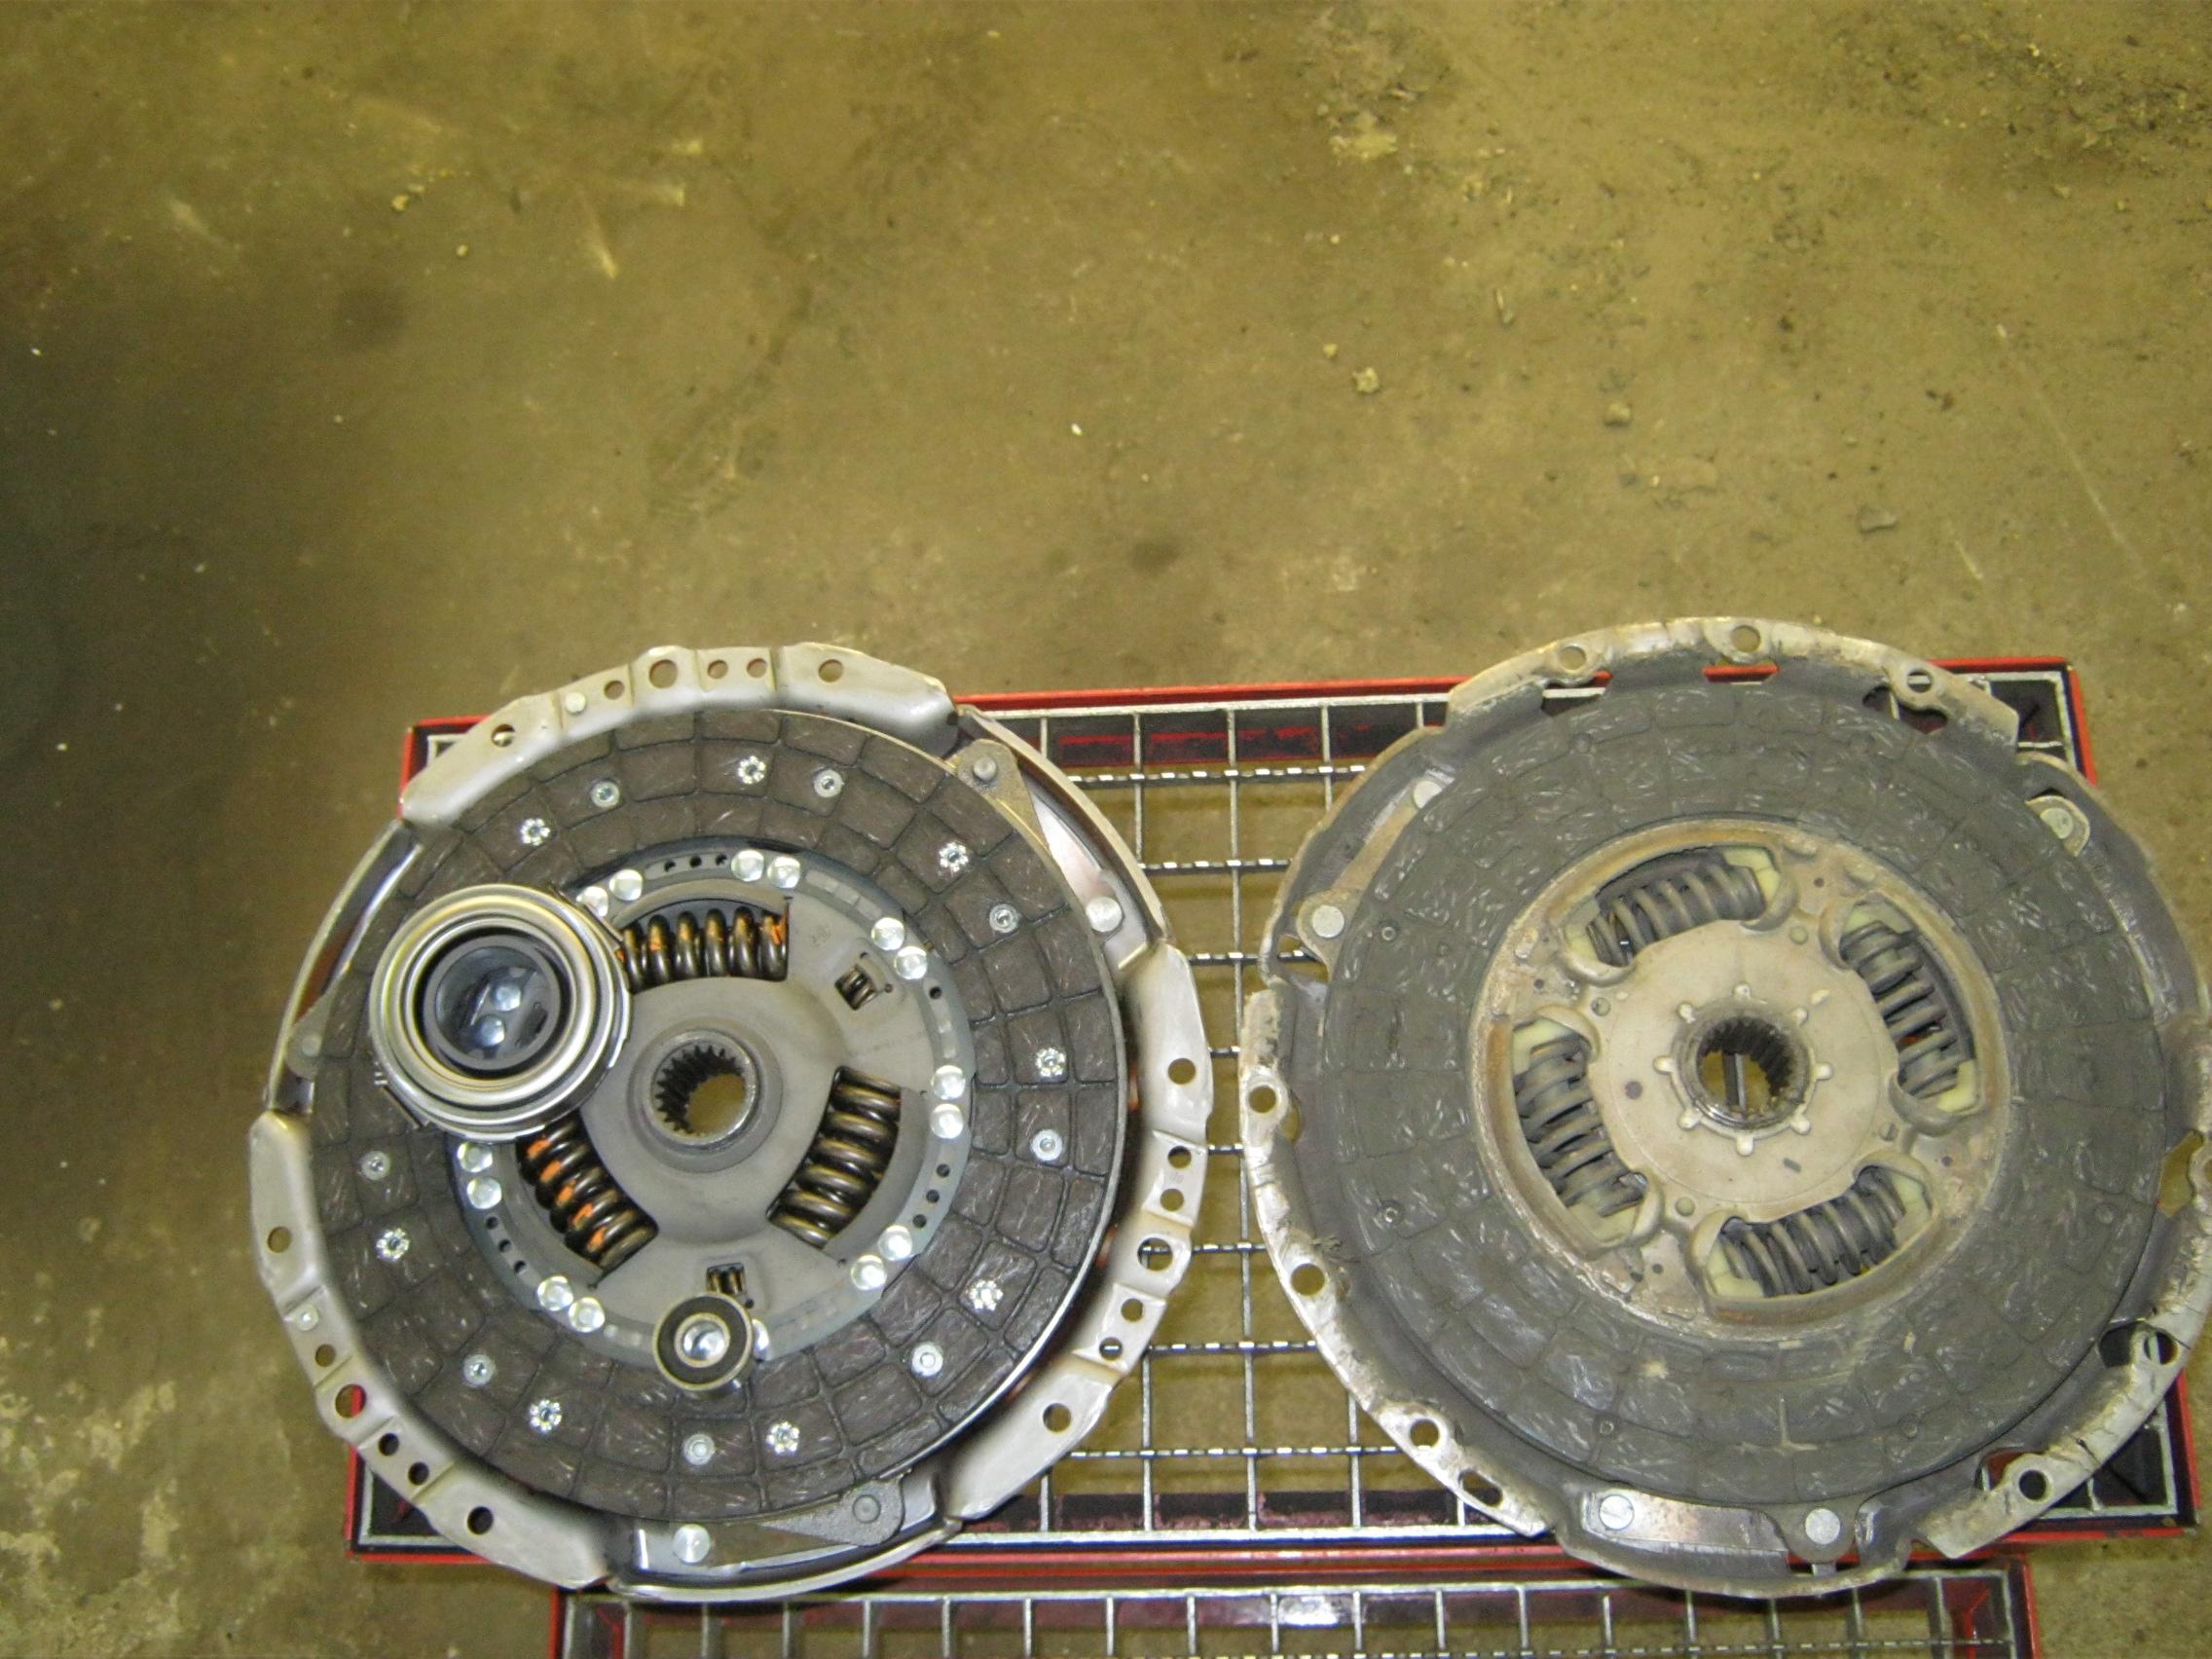 Uitgelezene Koppeling en drukgroep vervangen - Saris4x4 LI-72